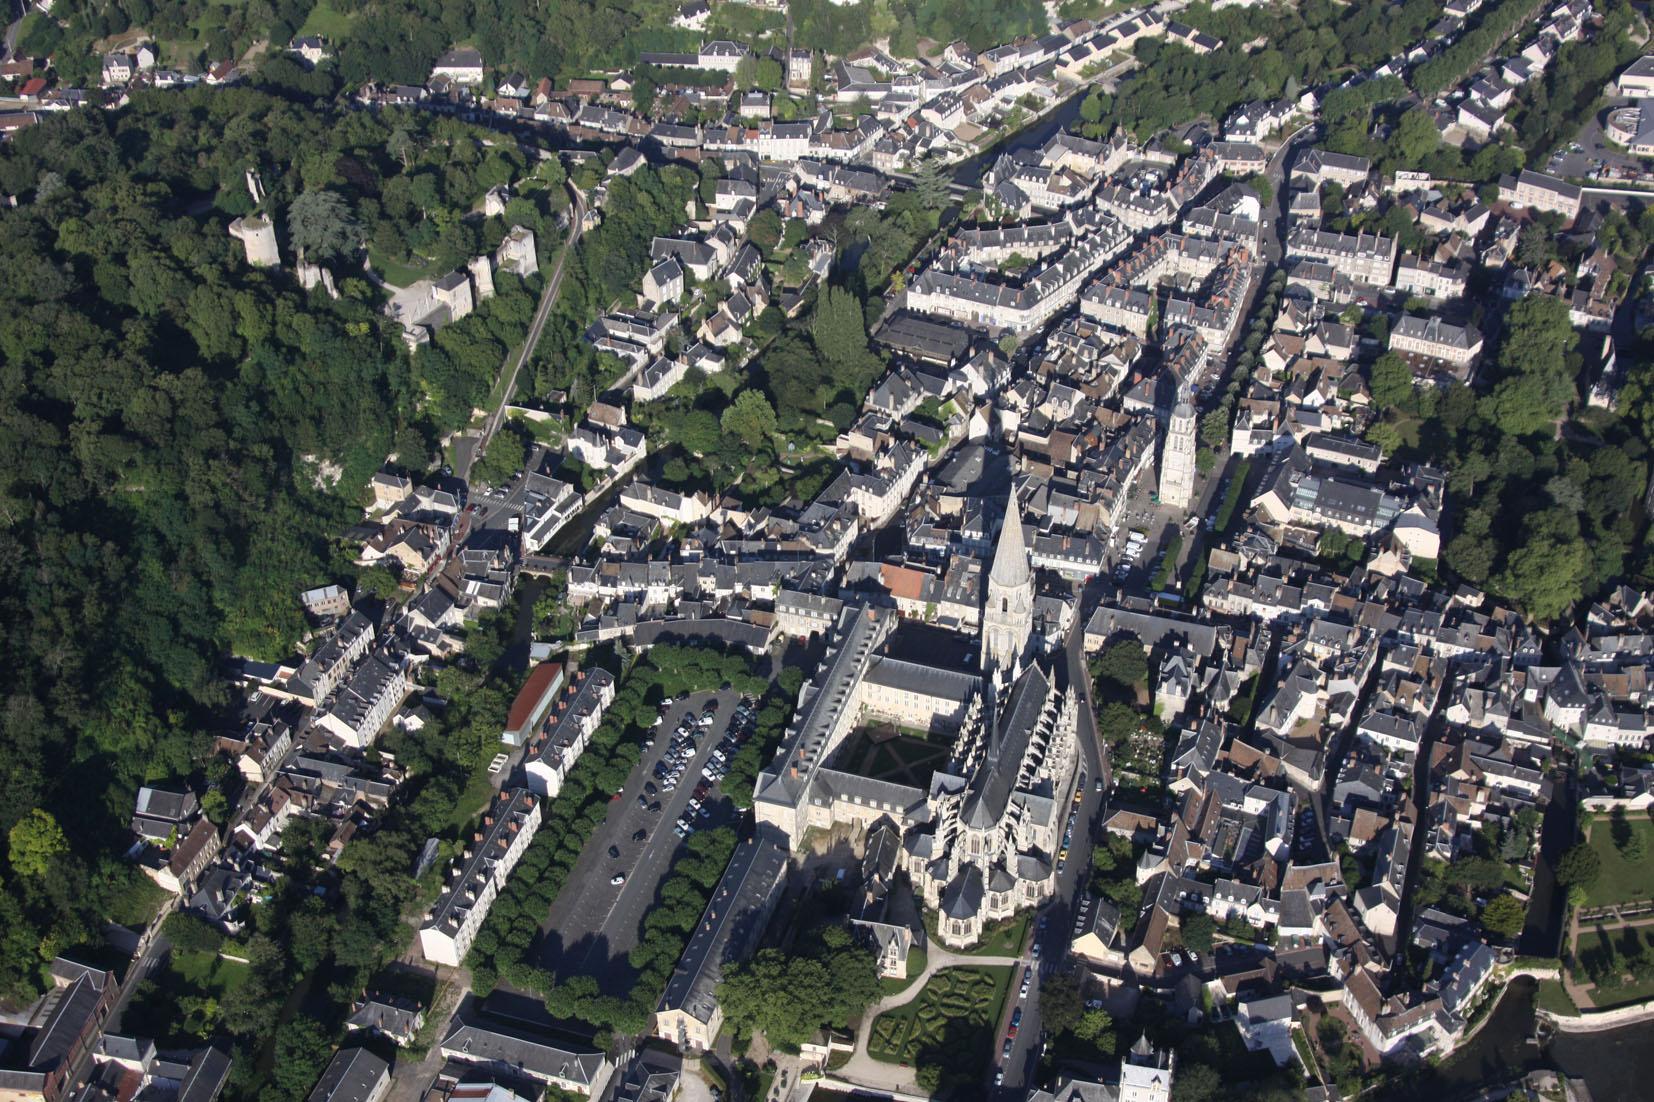 Le réaménagement du quartier Rochambeau procède d'une démarche particulière par son histoire, sa place dans la ville, sa proximité avec le Loir. Le site est une ancienne caserne militaire implantée au pied de l'Abbaye de la Trinité dont il a constitué le jardin à l'époque médiévale.  Outre, la valorisation d'un site d'exception, l'enjeu est de réinscrire les 4 ha du site dans la trame urbaine et paysagère. Pour cela notre proposition organise :  - la création d'un parvis au bâtiment « régence » se déroulant jusqu'au Loir  - l'aménagement de deux cours Est/Ouest pour la desserte (piétons/VL) du site, reliant entrée de ville et centre-ville  - la valorisation des porosités paysagères Nord/Sud entre coteau et rivière  - la transformation des berges du Loir en lieu de promenade et de loisirs.